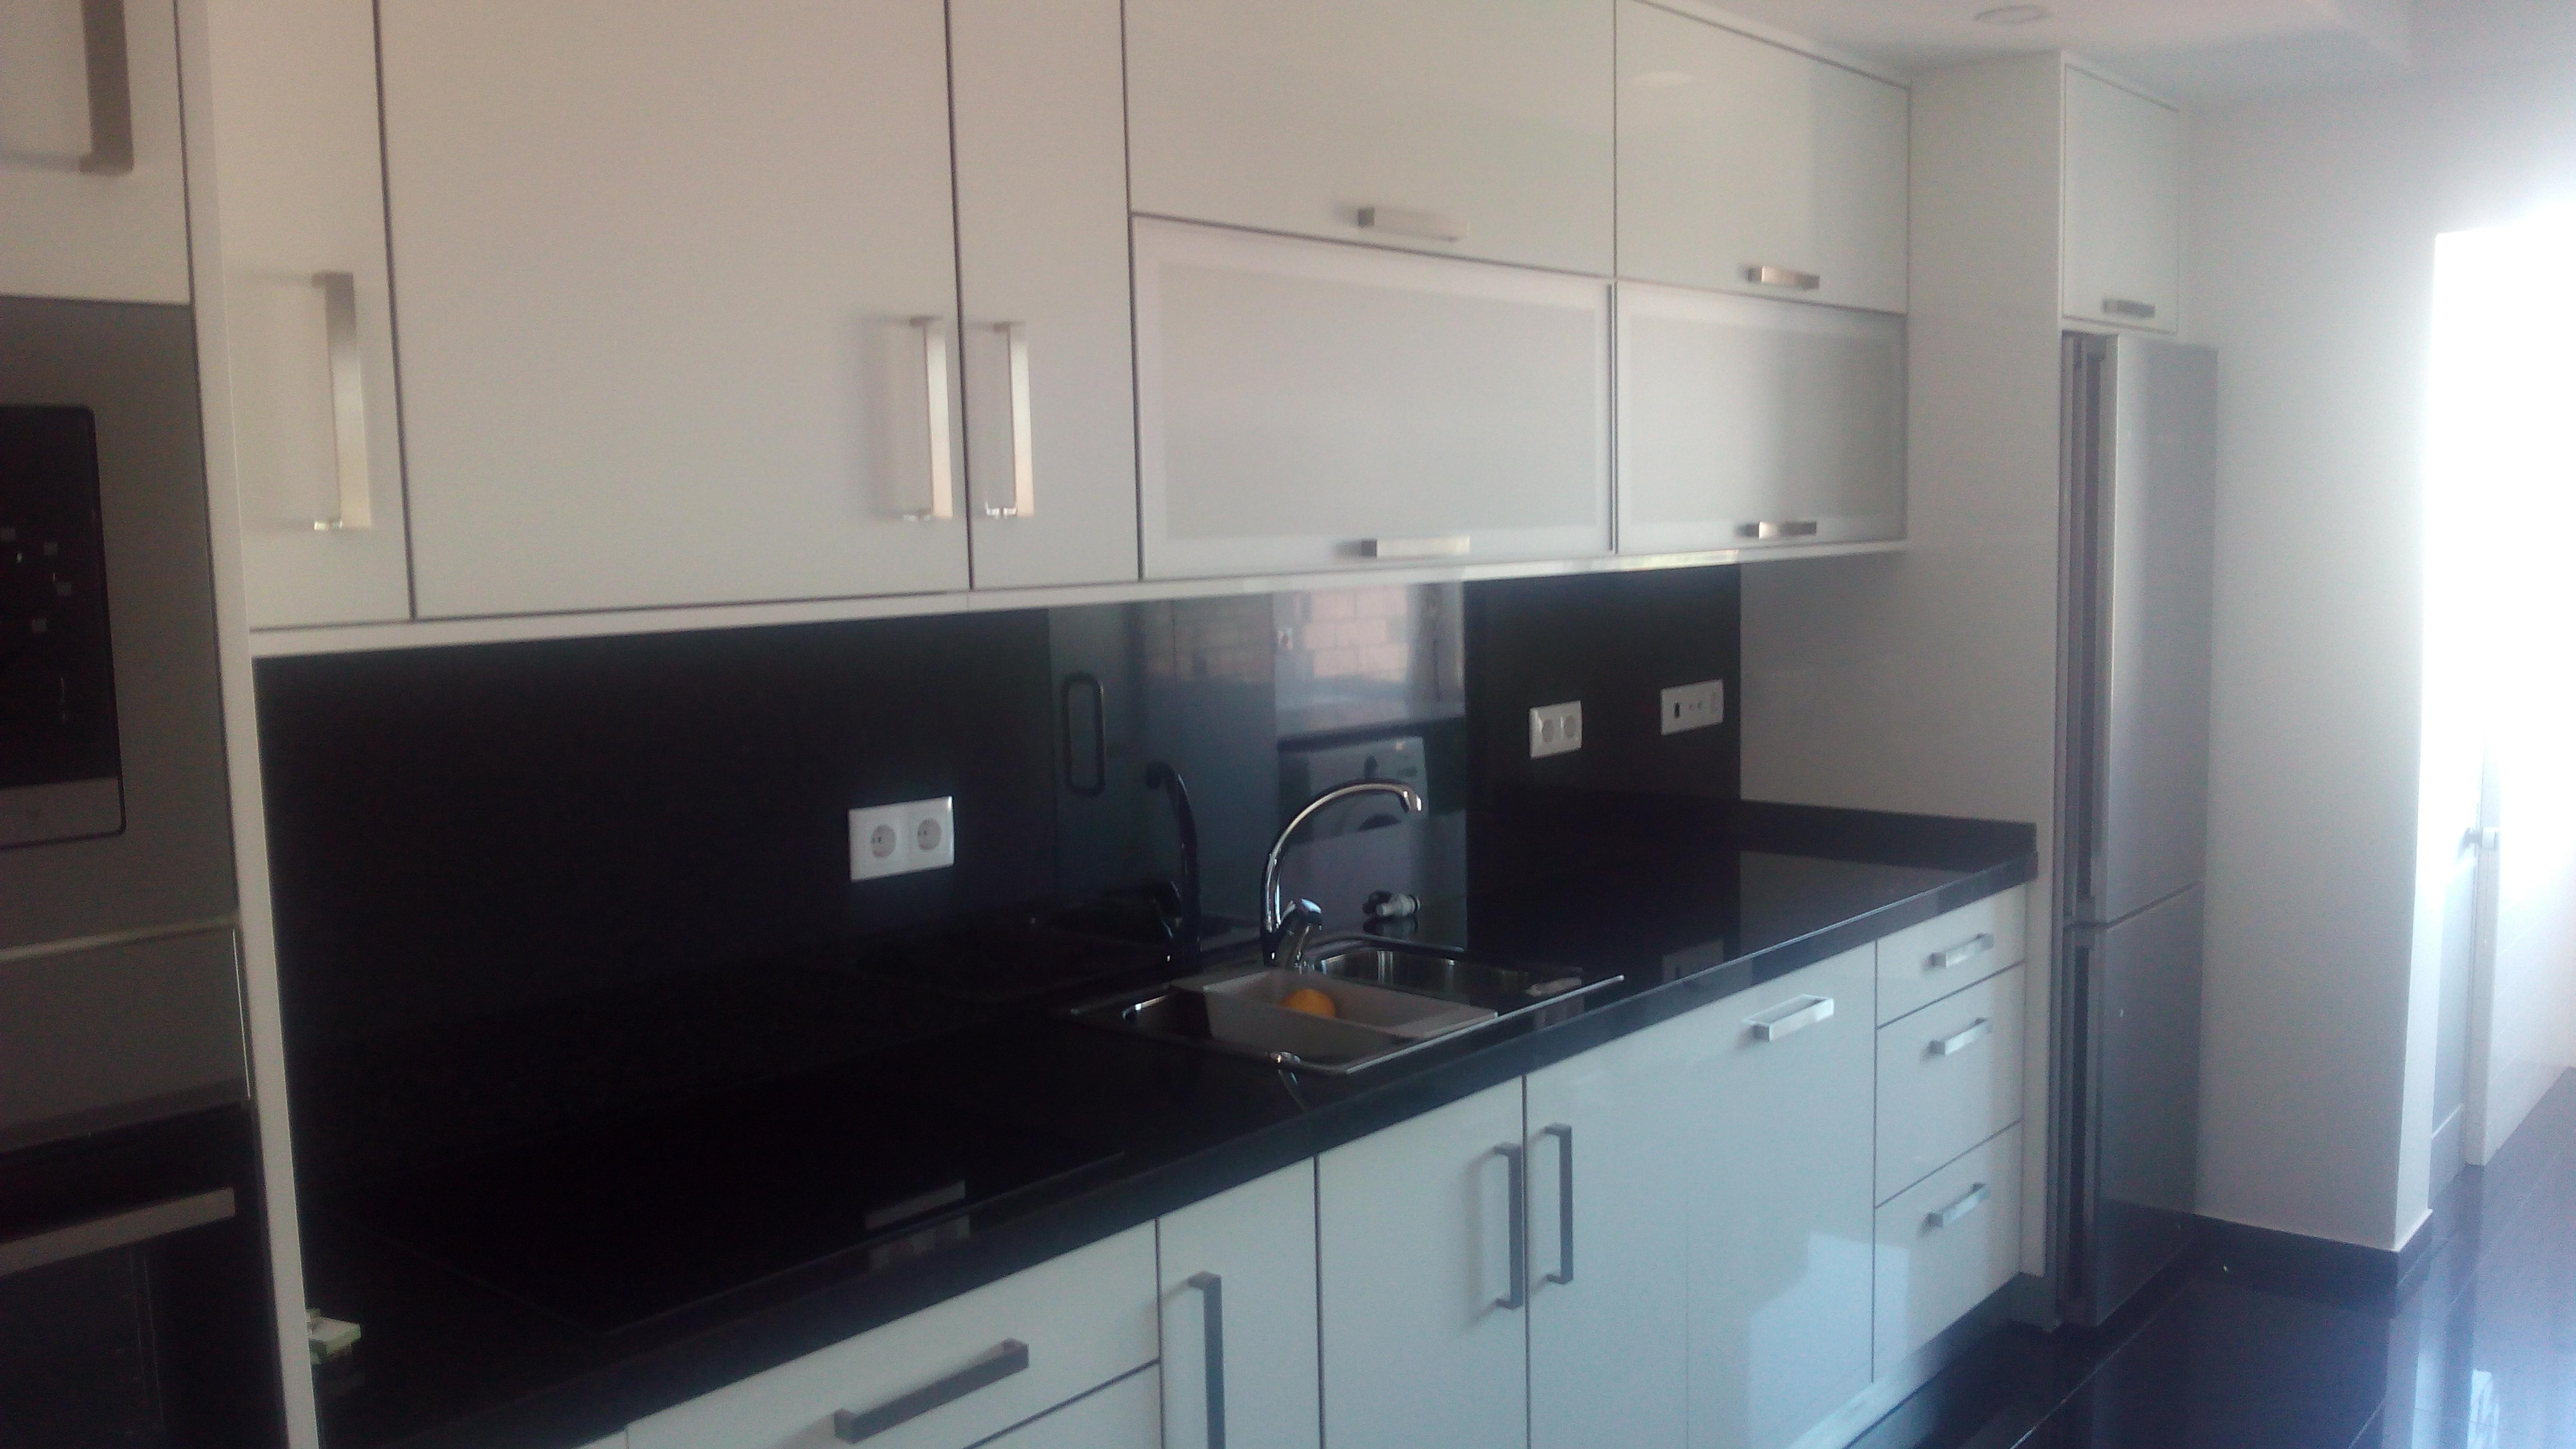 Cozinha remodelada com novos móveis